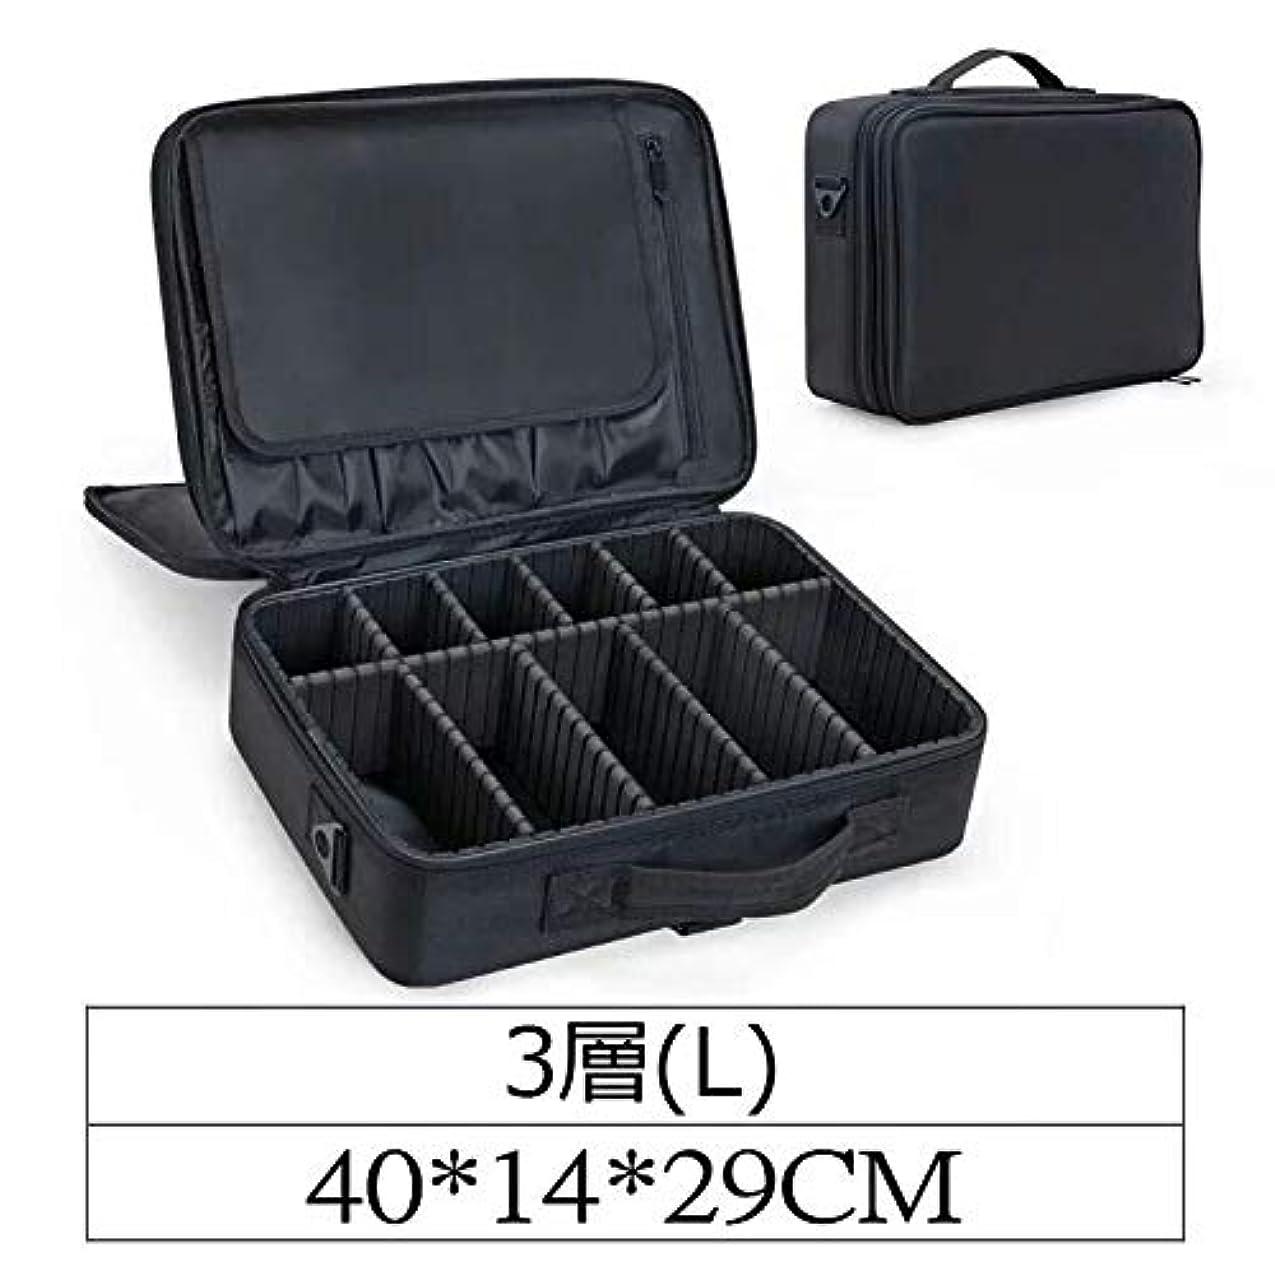 WE DO メイクボックス プロ用 多機能 化粧ポーチ 高品質3層化粧箱 收納抜群 大容量 スーツケース?トラベルバッグ ブラック(L-40×29×14cm)